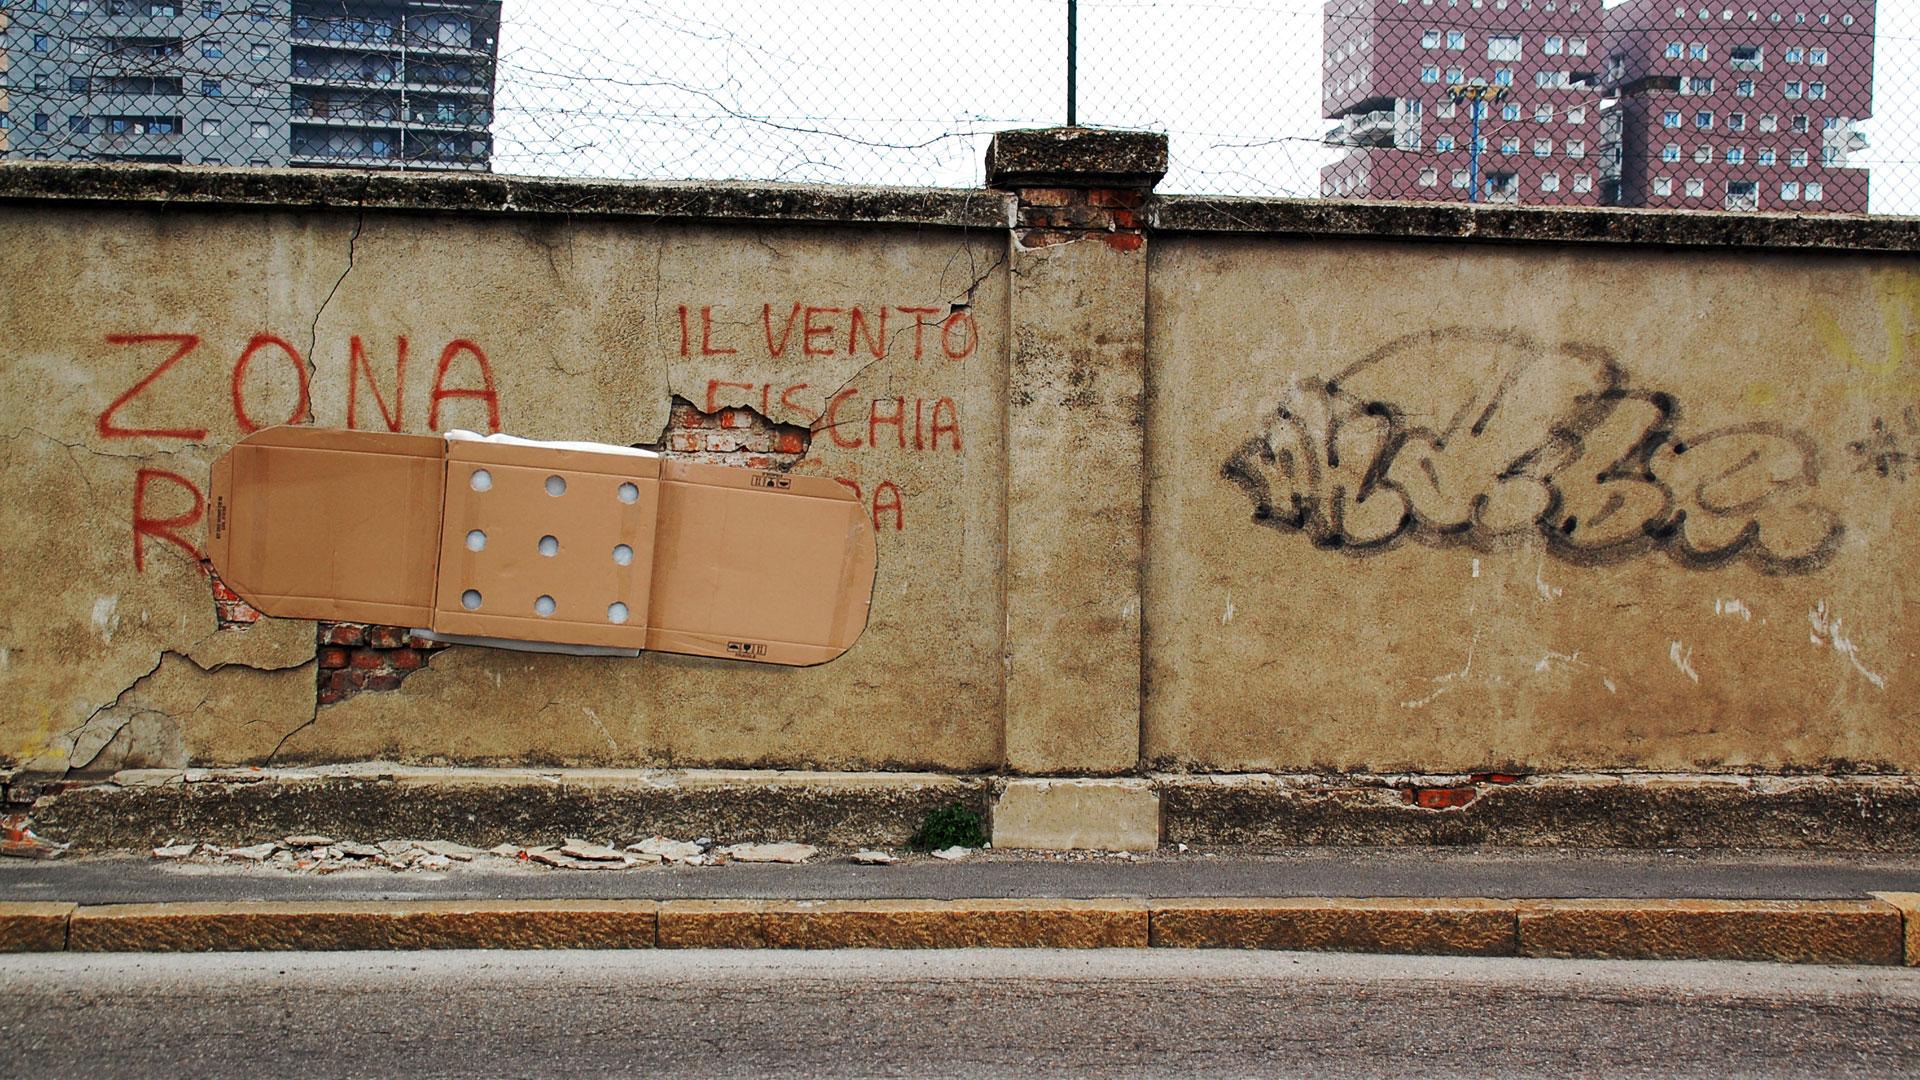 Street Art by Fra